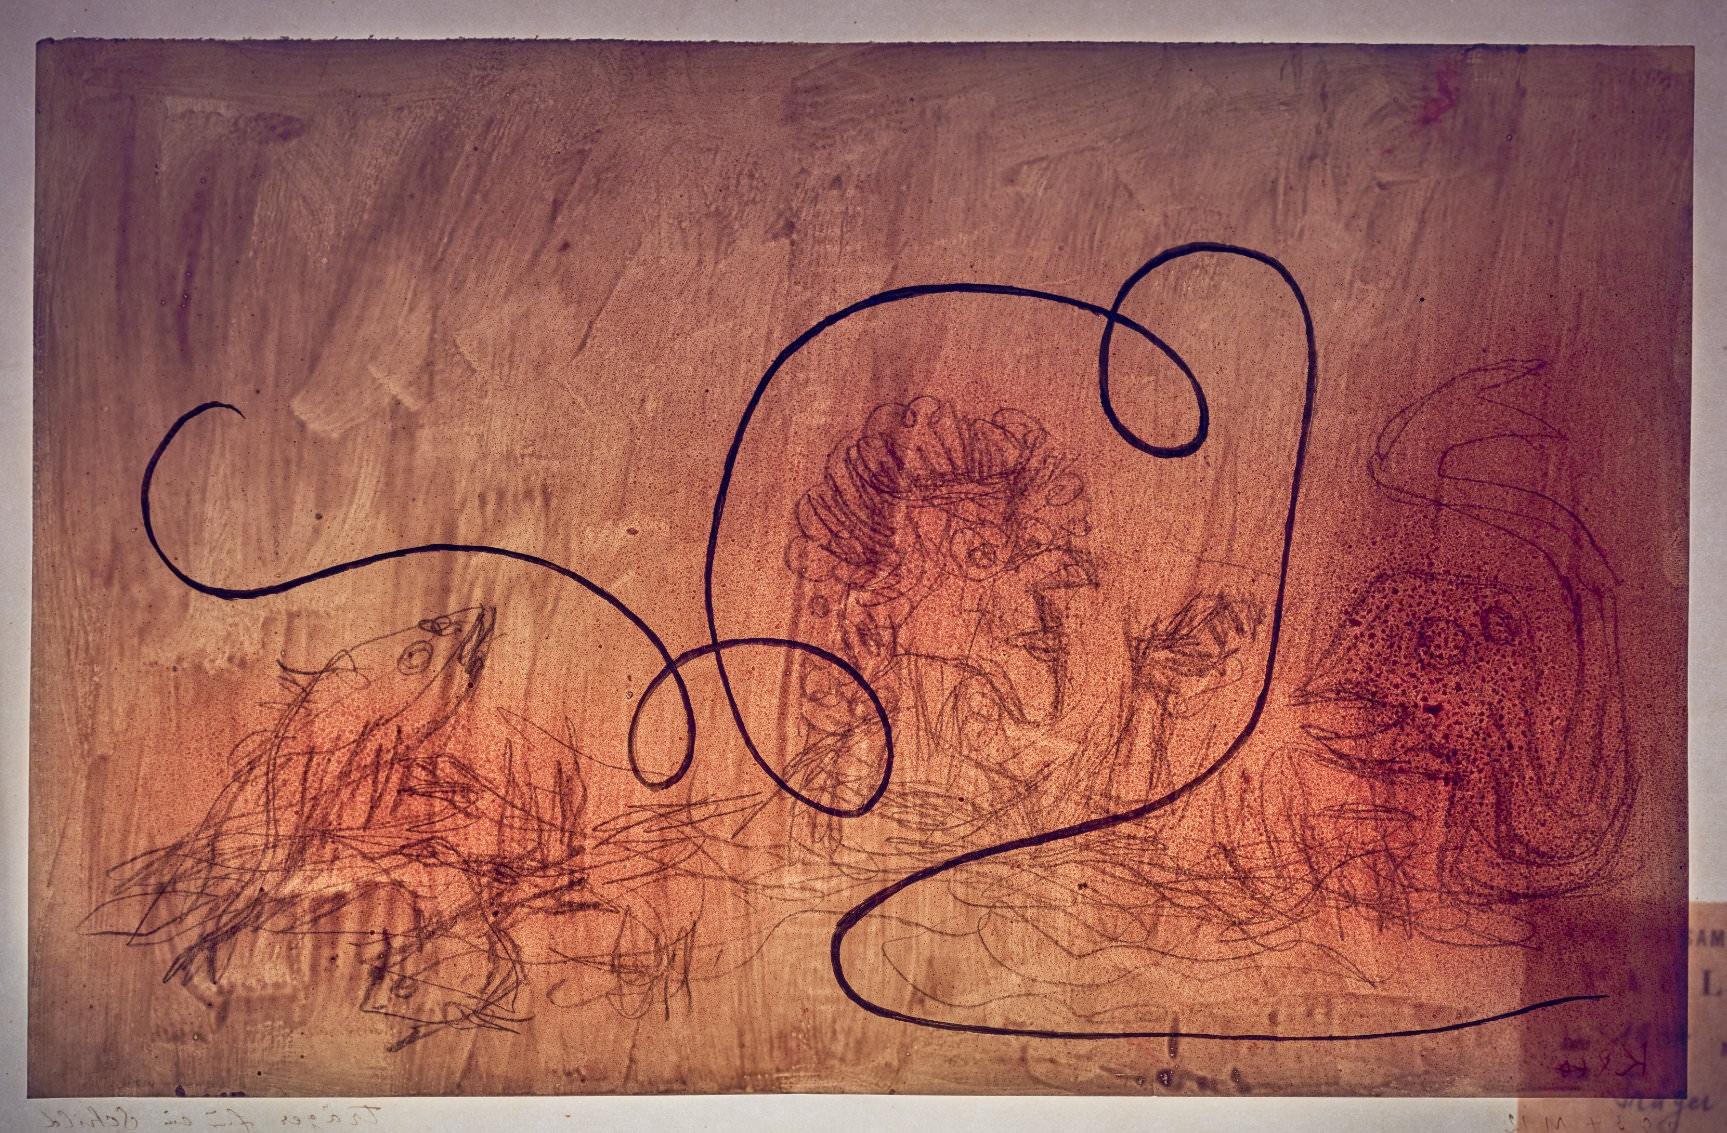 Paul Klee  Ohne Titel  (Durchlichtaufnahme von  Träger für ein Schild,  1934, 72, seitenverkehrt) ©Zentrum Paul Klee, Bildarchiv